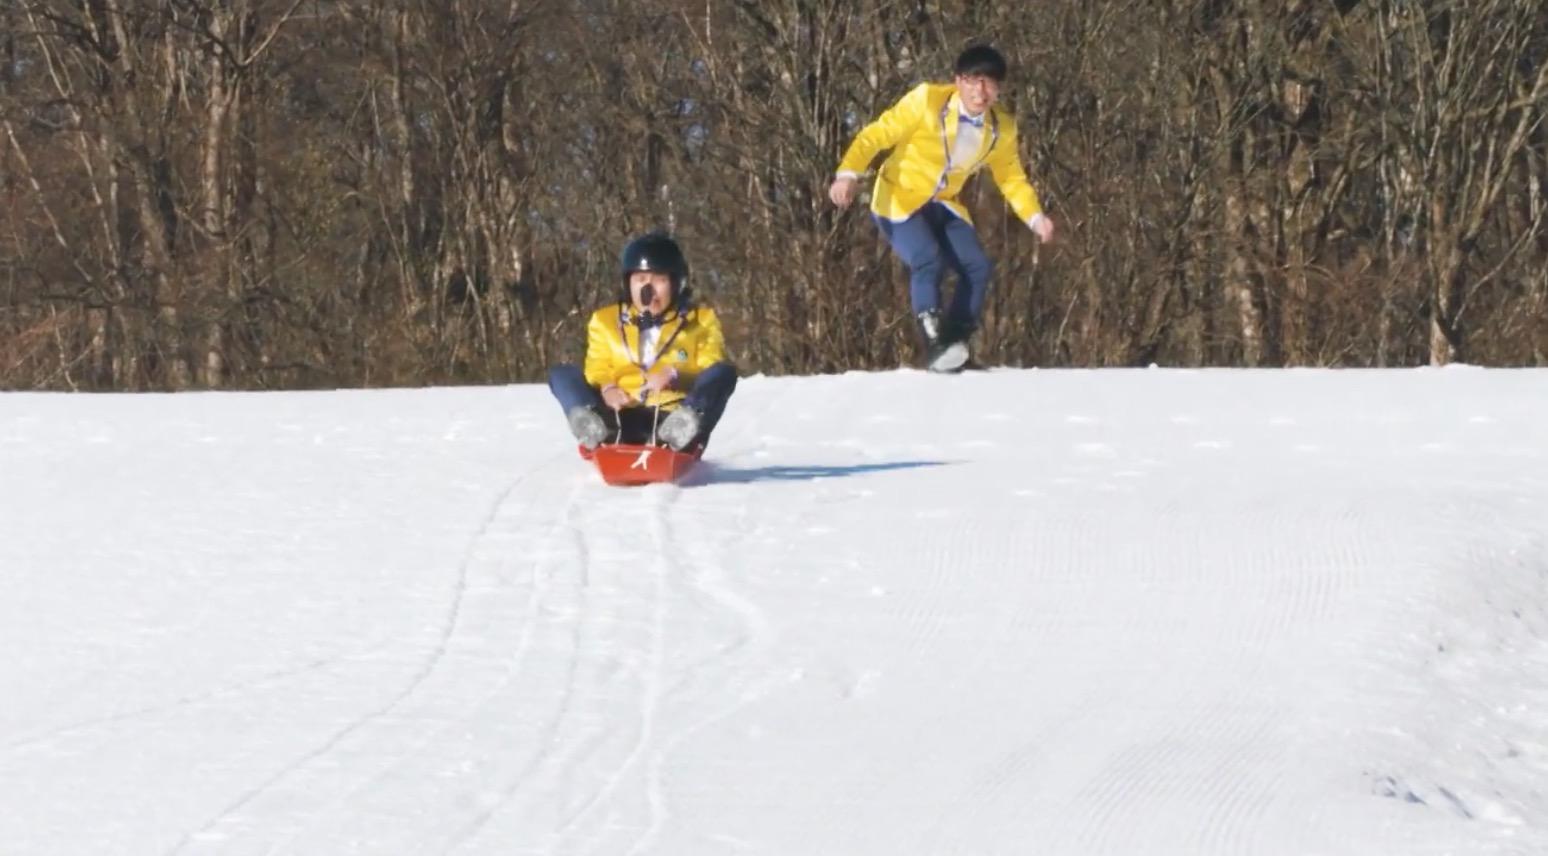 お笑い芸人「ちゅ~りっぷ」がスキー場で身体をはってリアクション芸!!